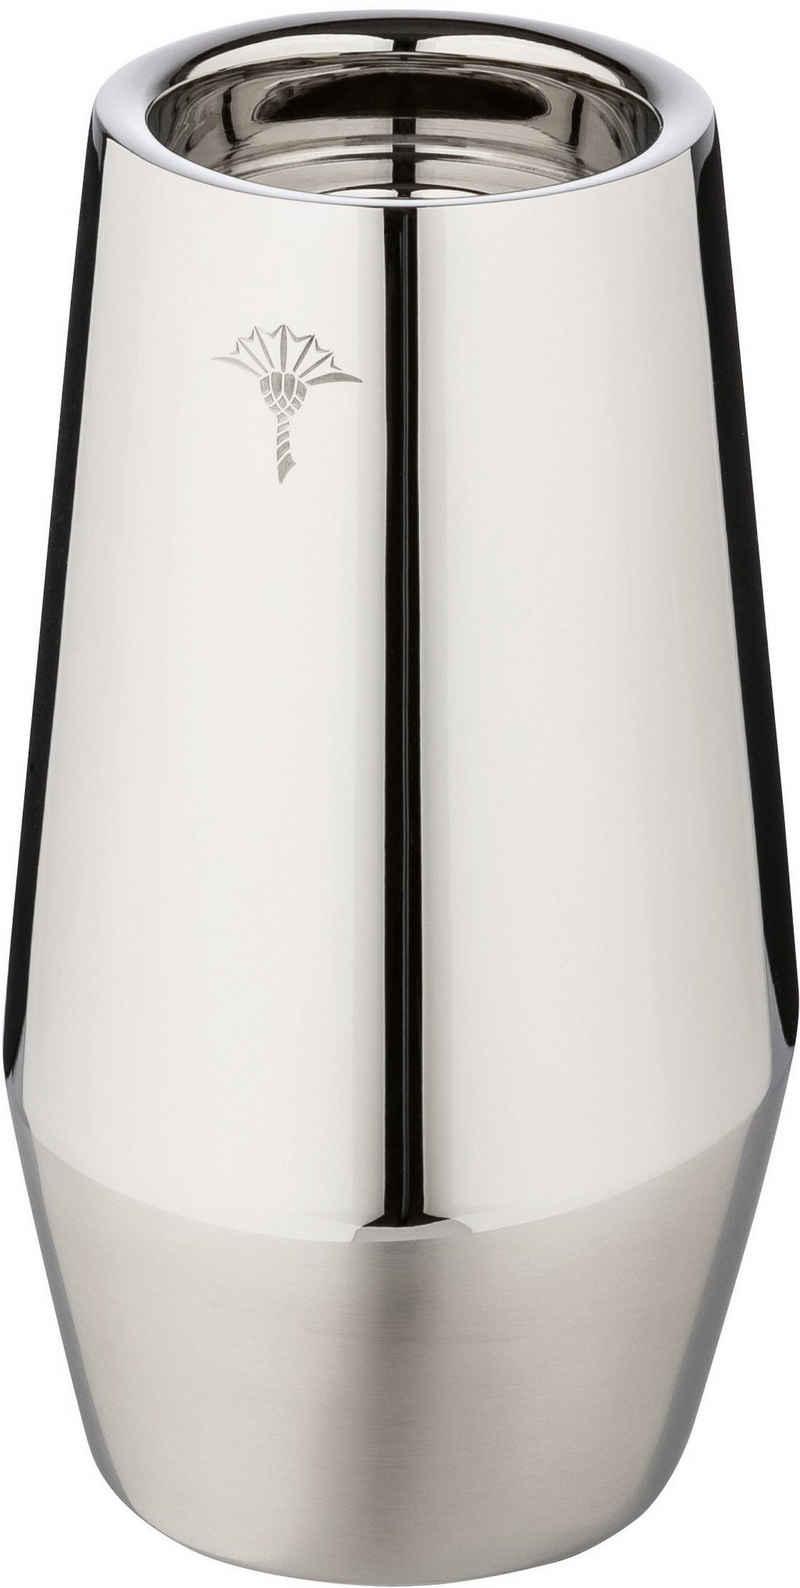 Joop! Kerzenhalter »METAL LINE« (1 Stück), Aus 14/1-Edelstahl in glänzender und satinierter Optik mit einzelner Kornblume als Dekor